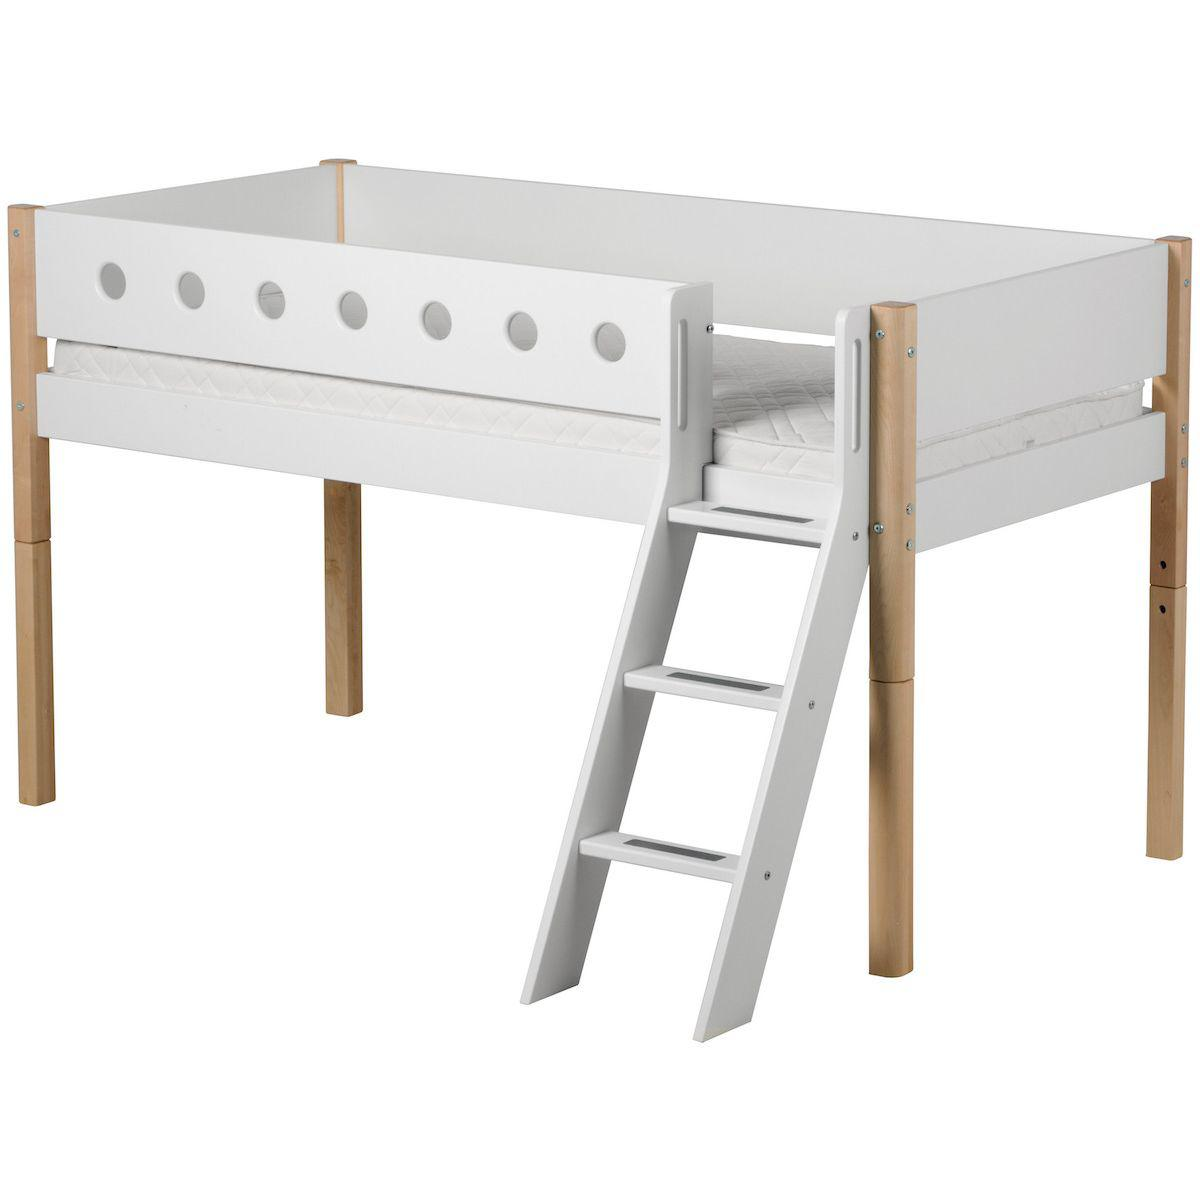 WHITE by Flexa Lit mi-hauteur en MDF 90x200 cm avec échelle inclinée, barrière de sécurité blanche et pieds en bouleau naturel